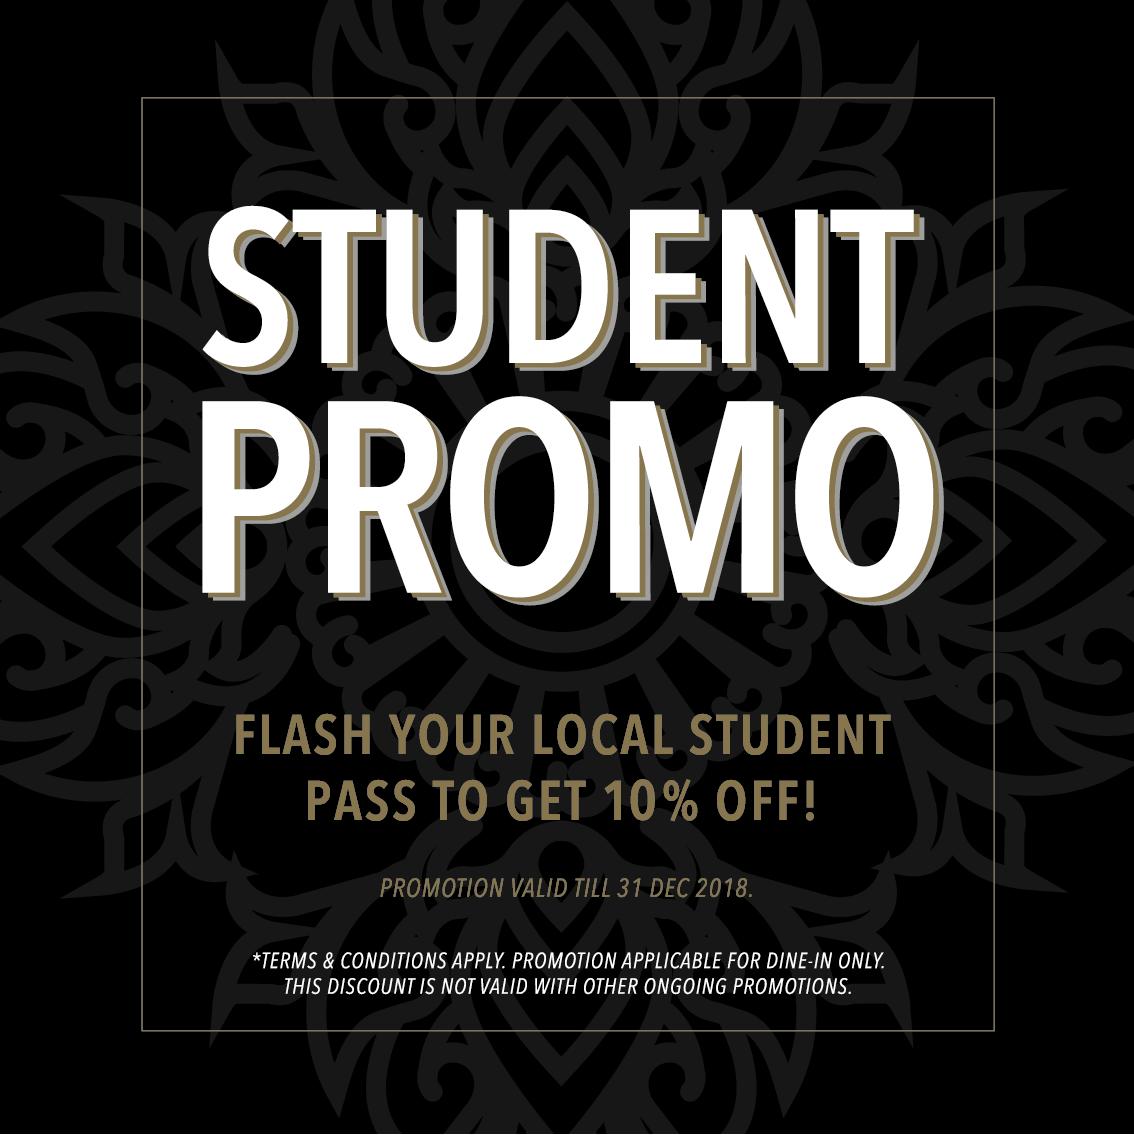 jj-thai-promo-student.png